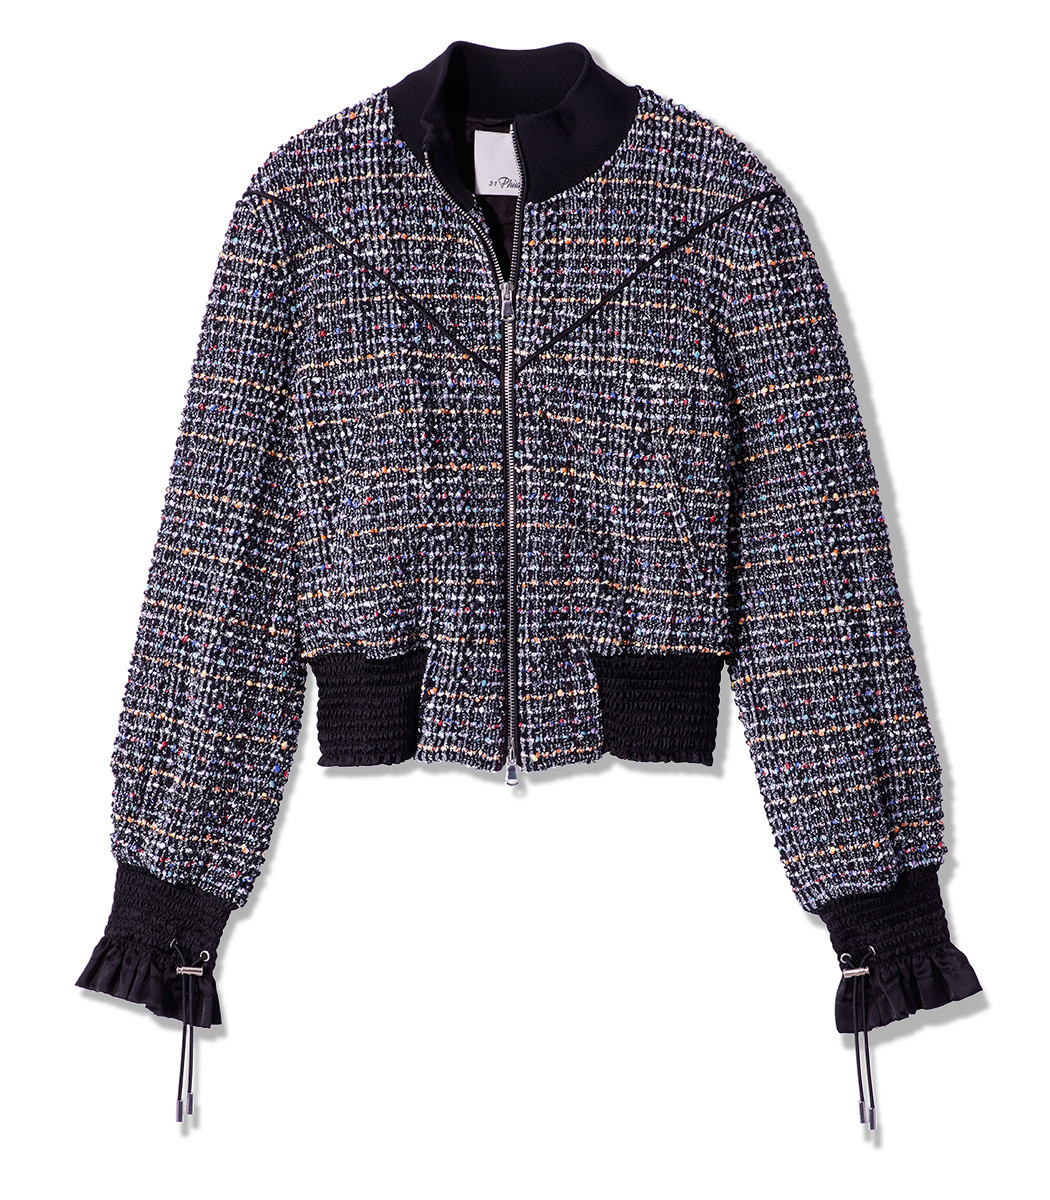 Textured Tweed Zip-Front Track Jacket in Black